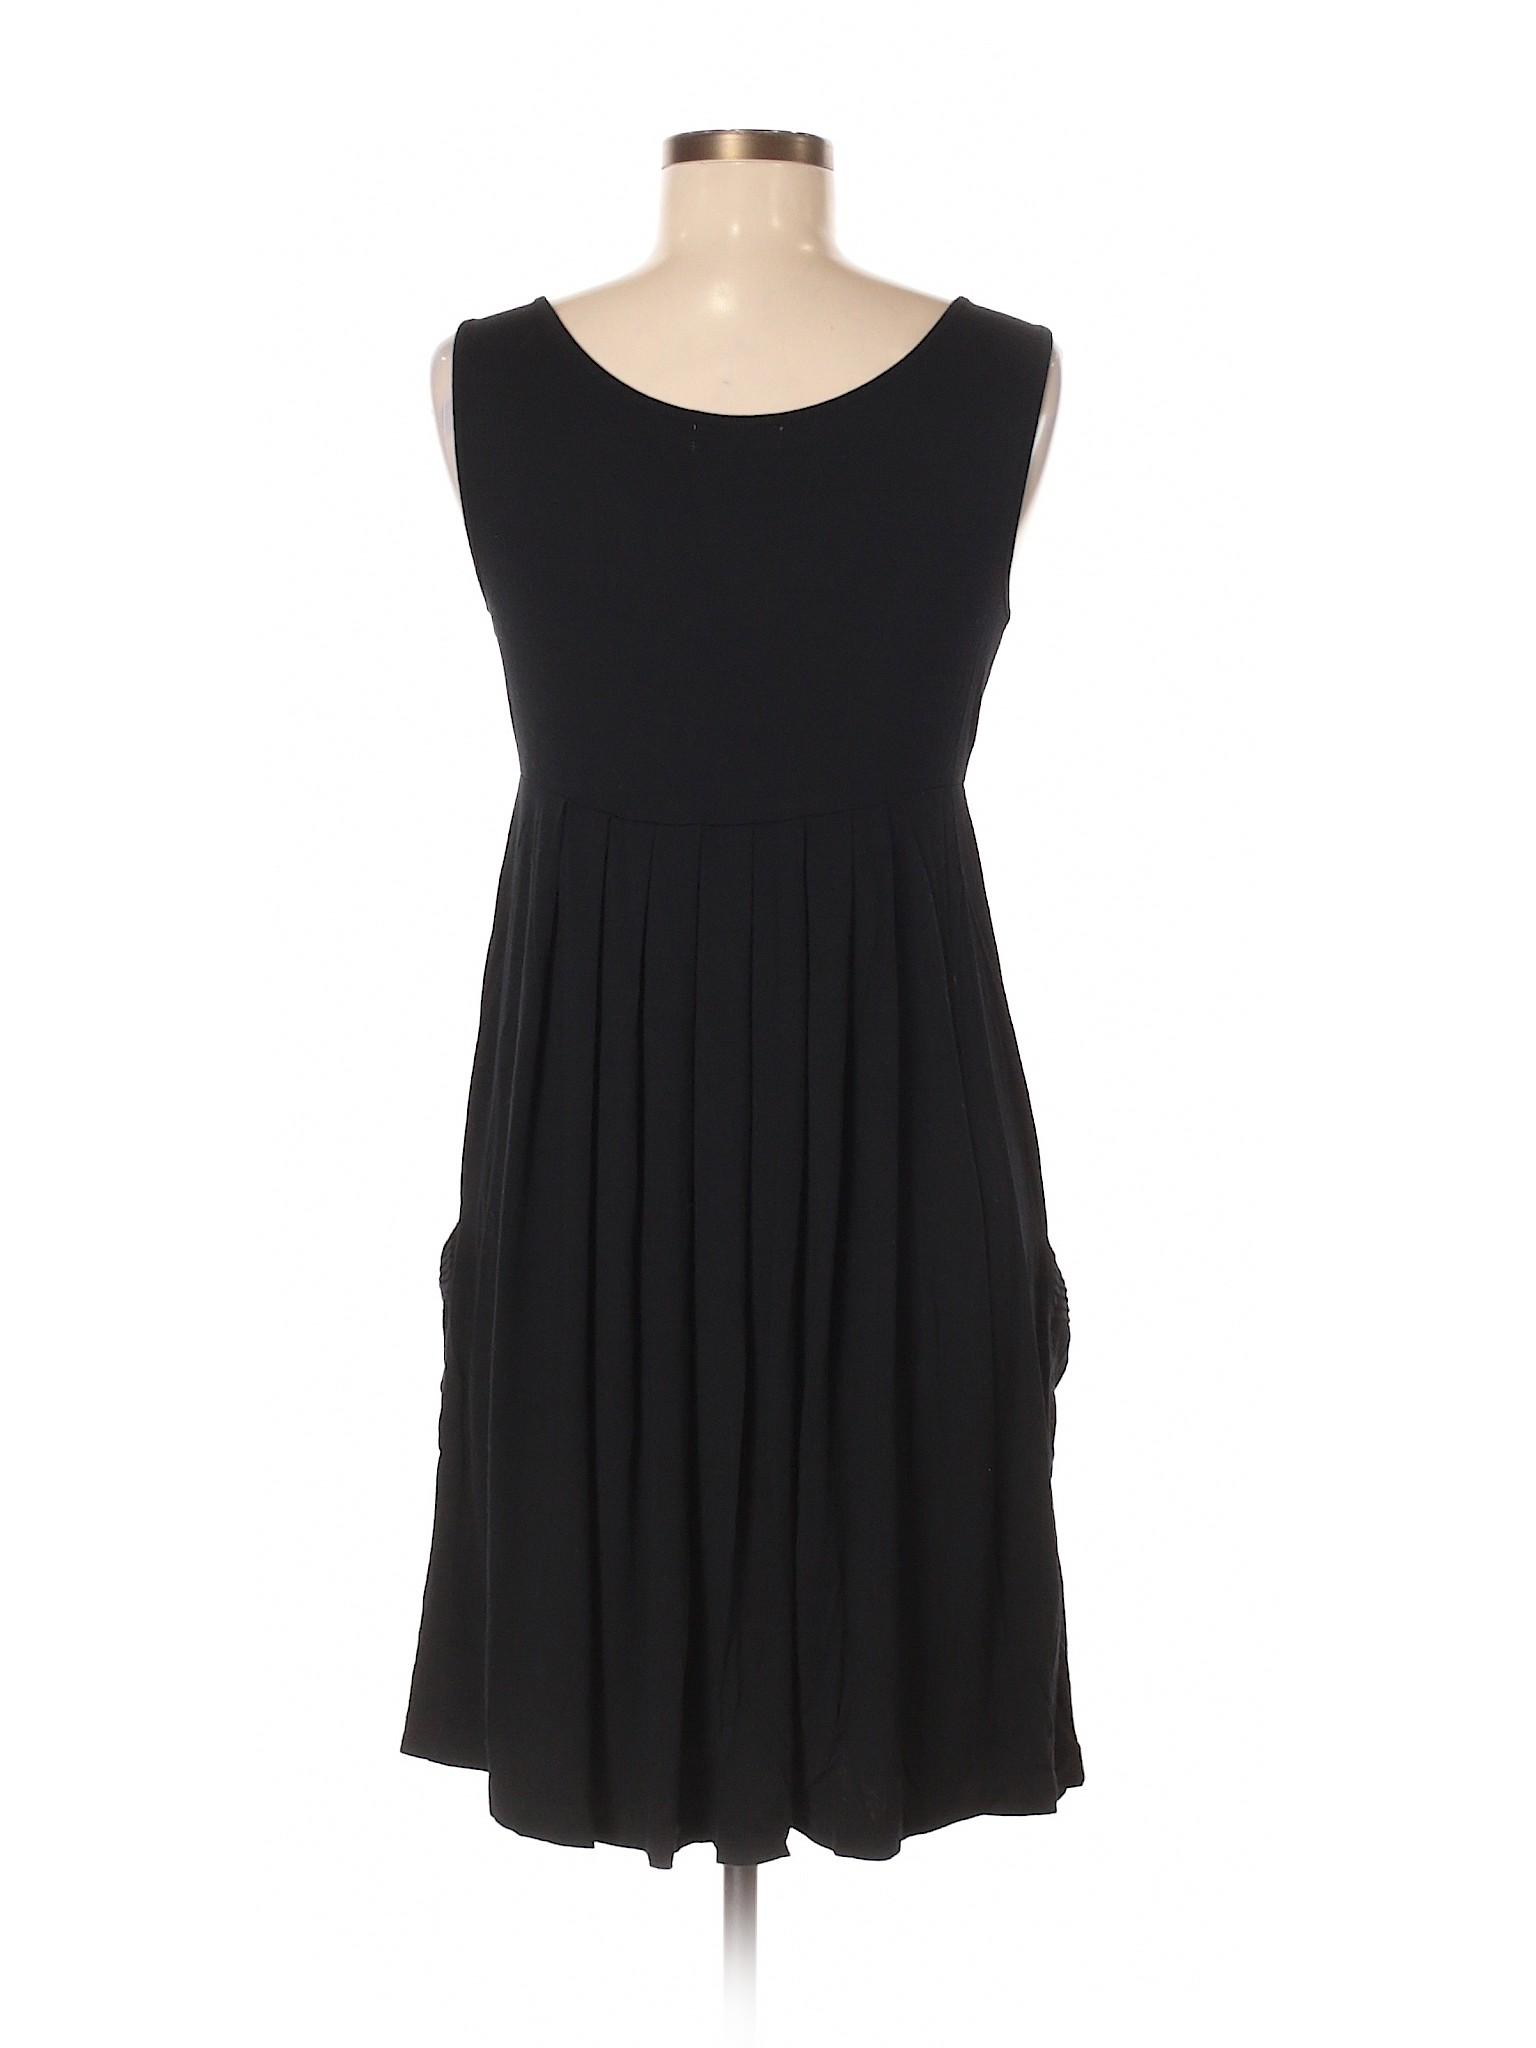 Klein Dress Casual Boutique Calvin winter EWqS8S